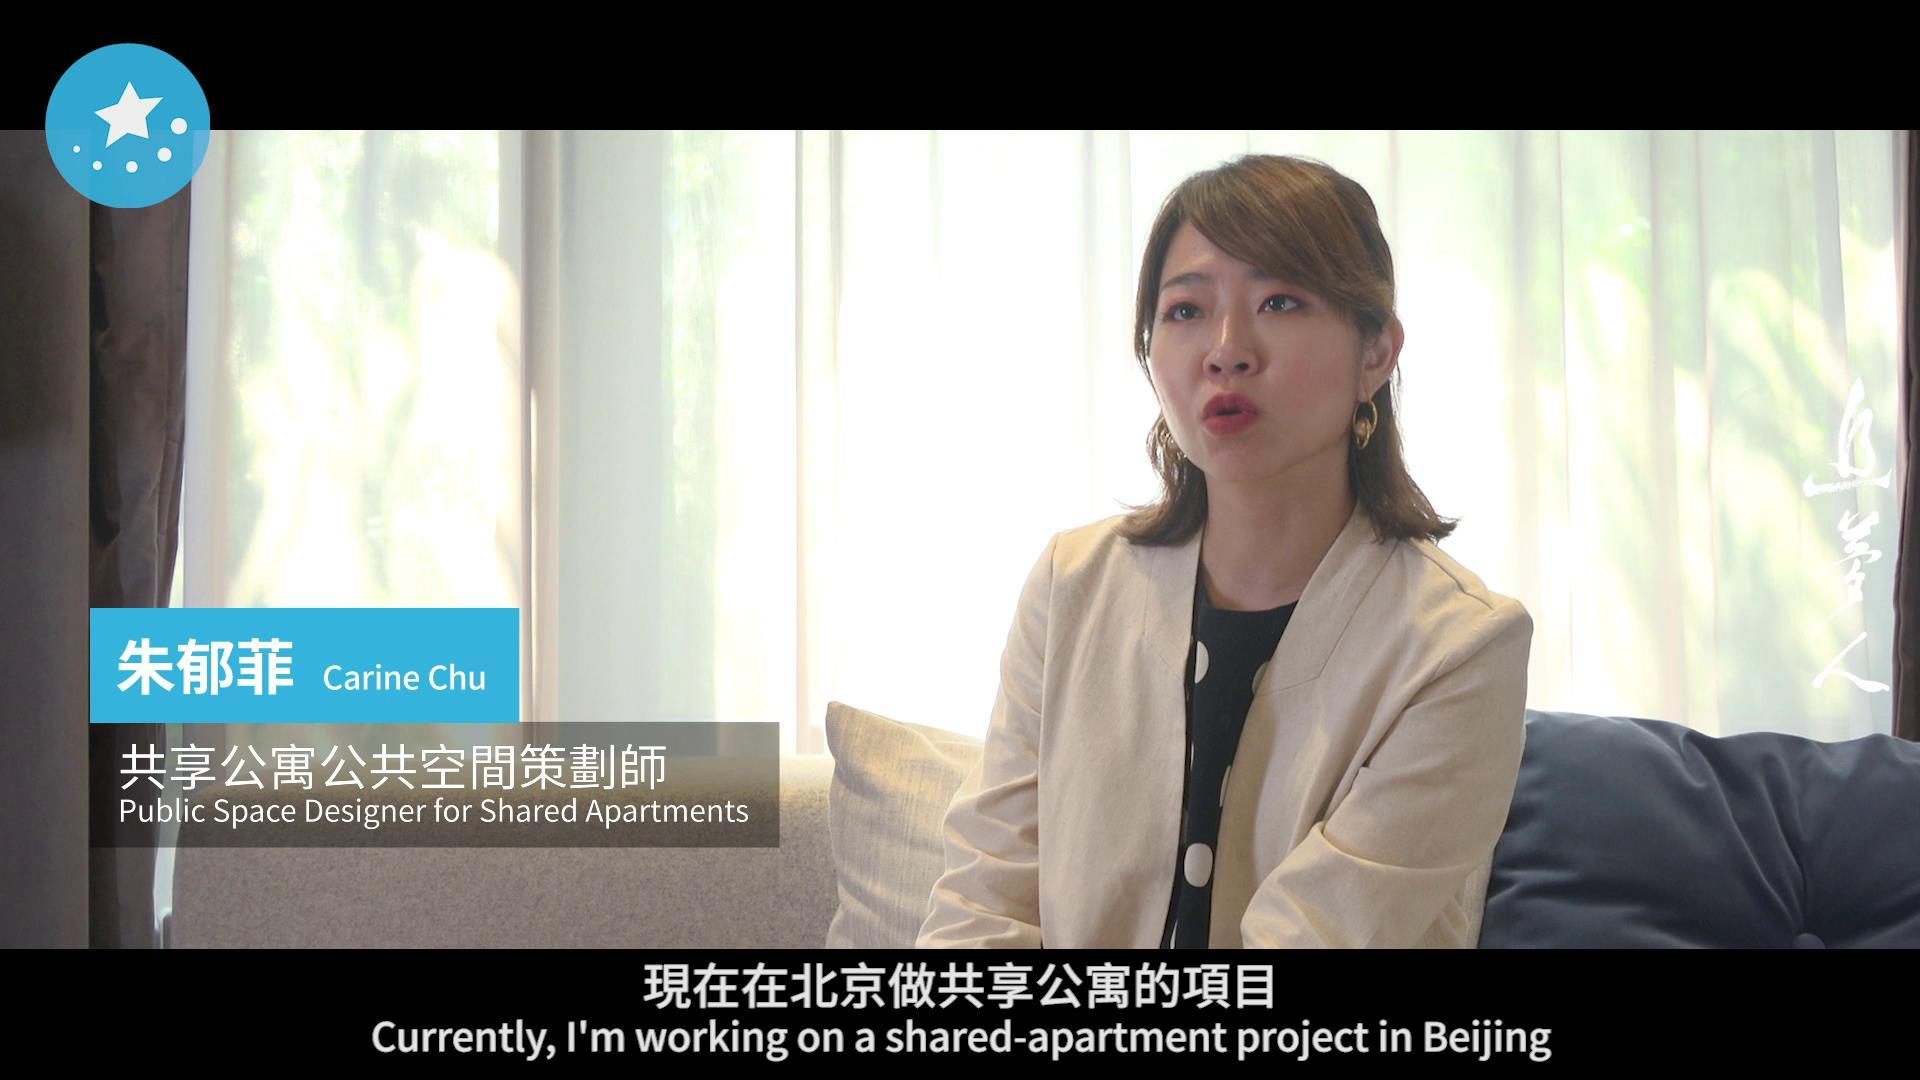 超飒台湾女孩:北京让我变得更大气图片